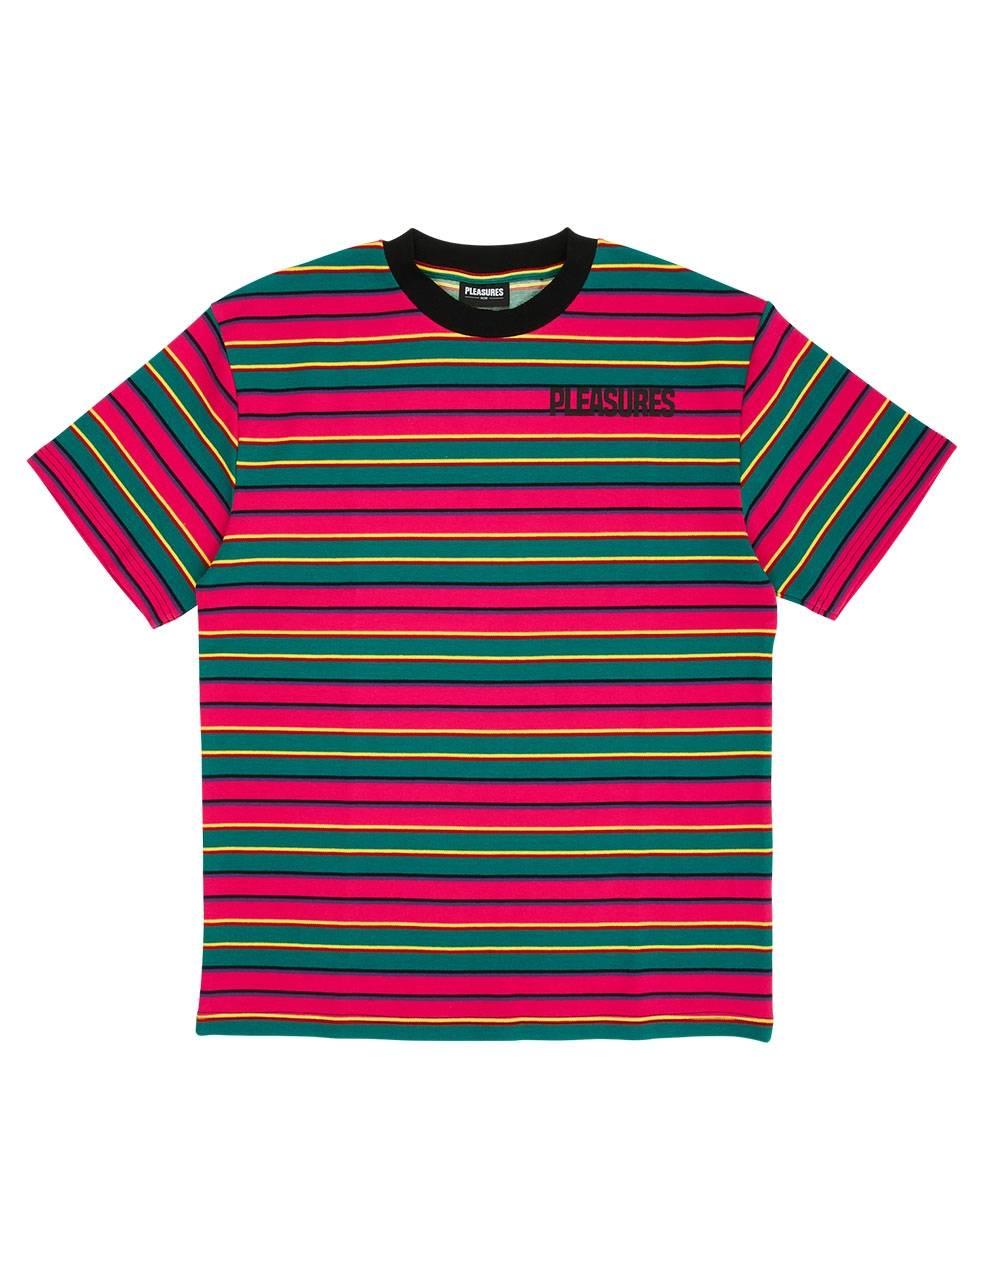 Pleasures Outlier stripe t-shirt - pink Pleasures T-shirt 57,38€